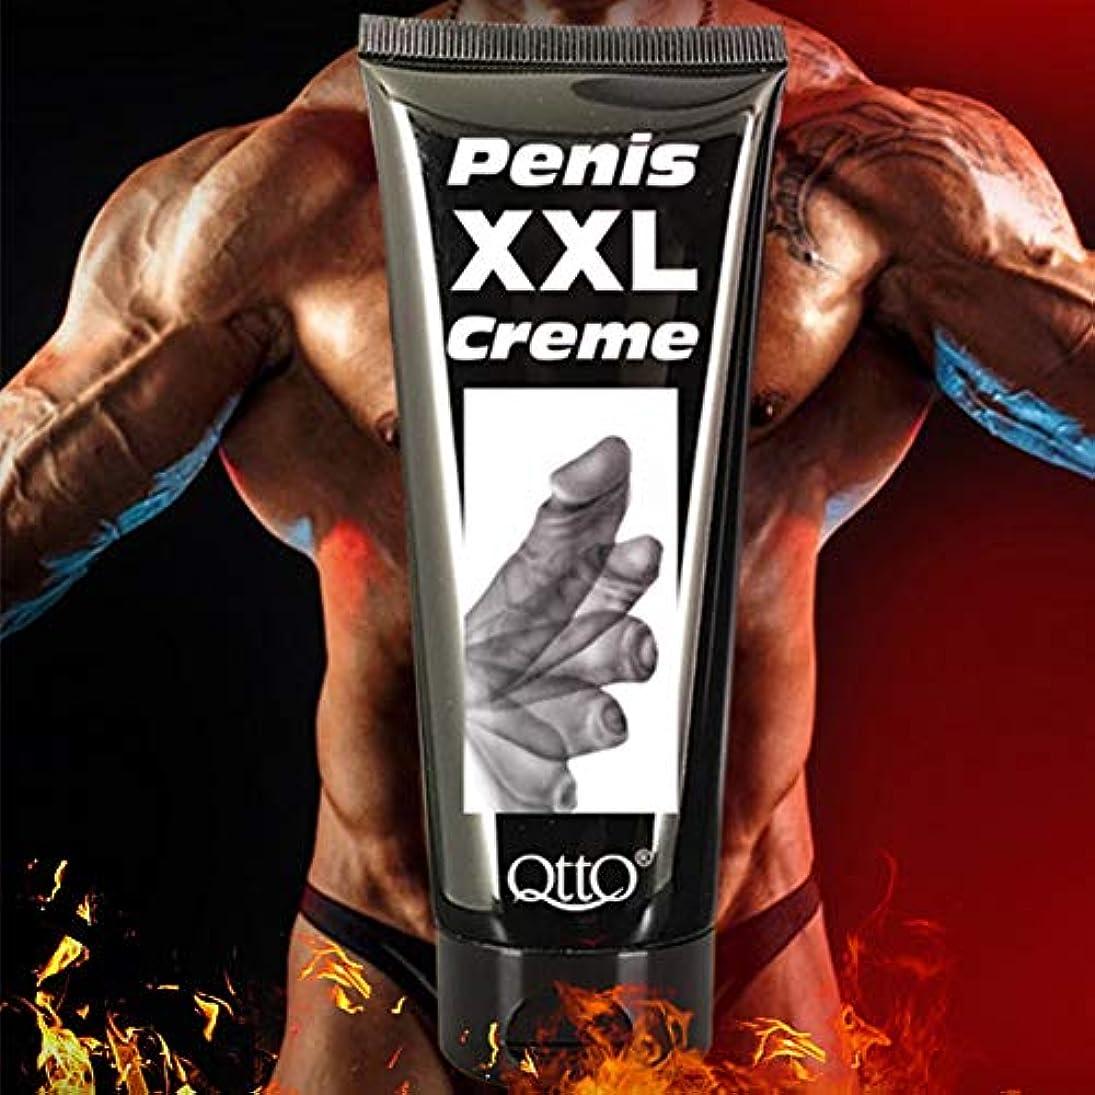 拡声器操るコーナーBalai 男性用 ペニス拡大 クリームビッグディック 濃厚化成長強化パフォーマンス セックス製品